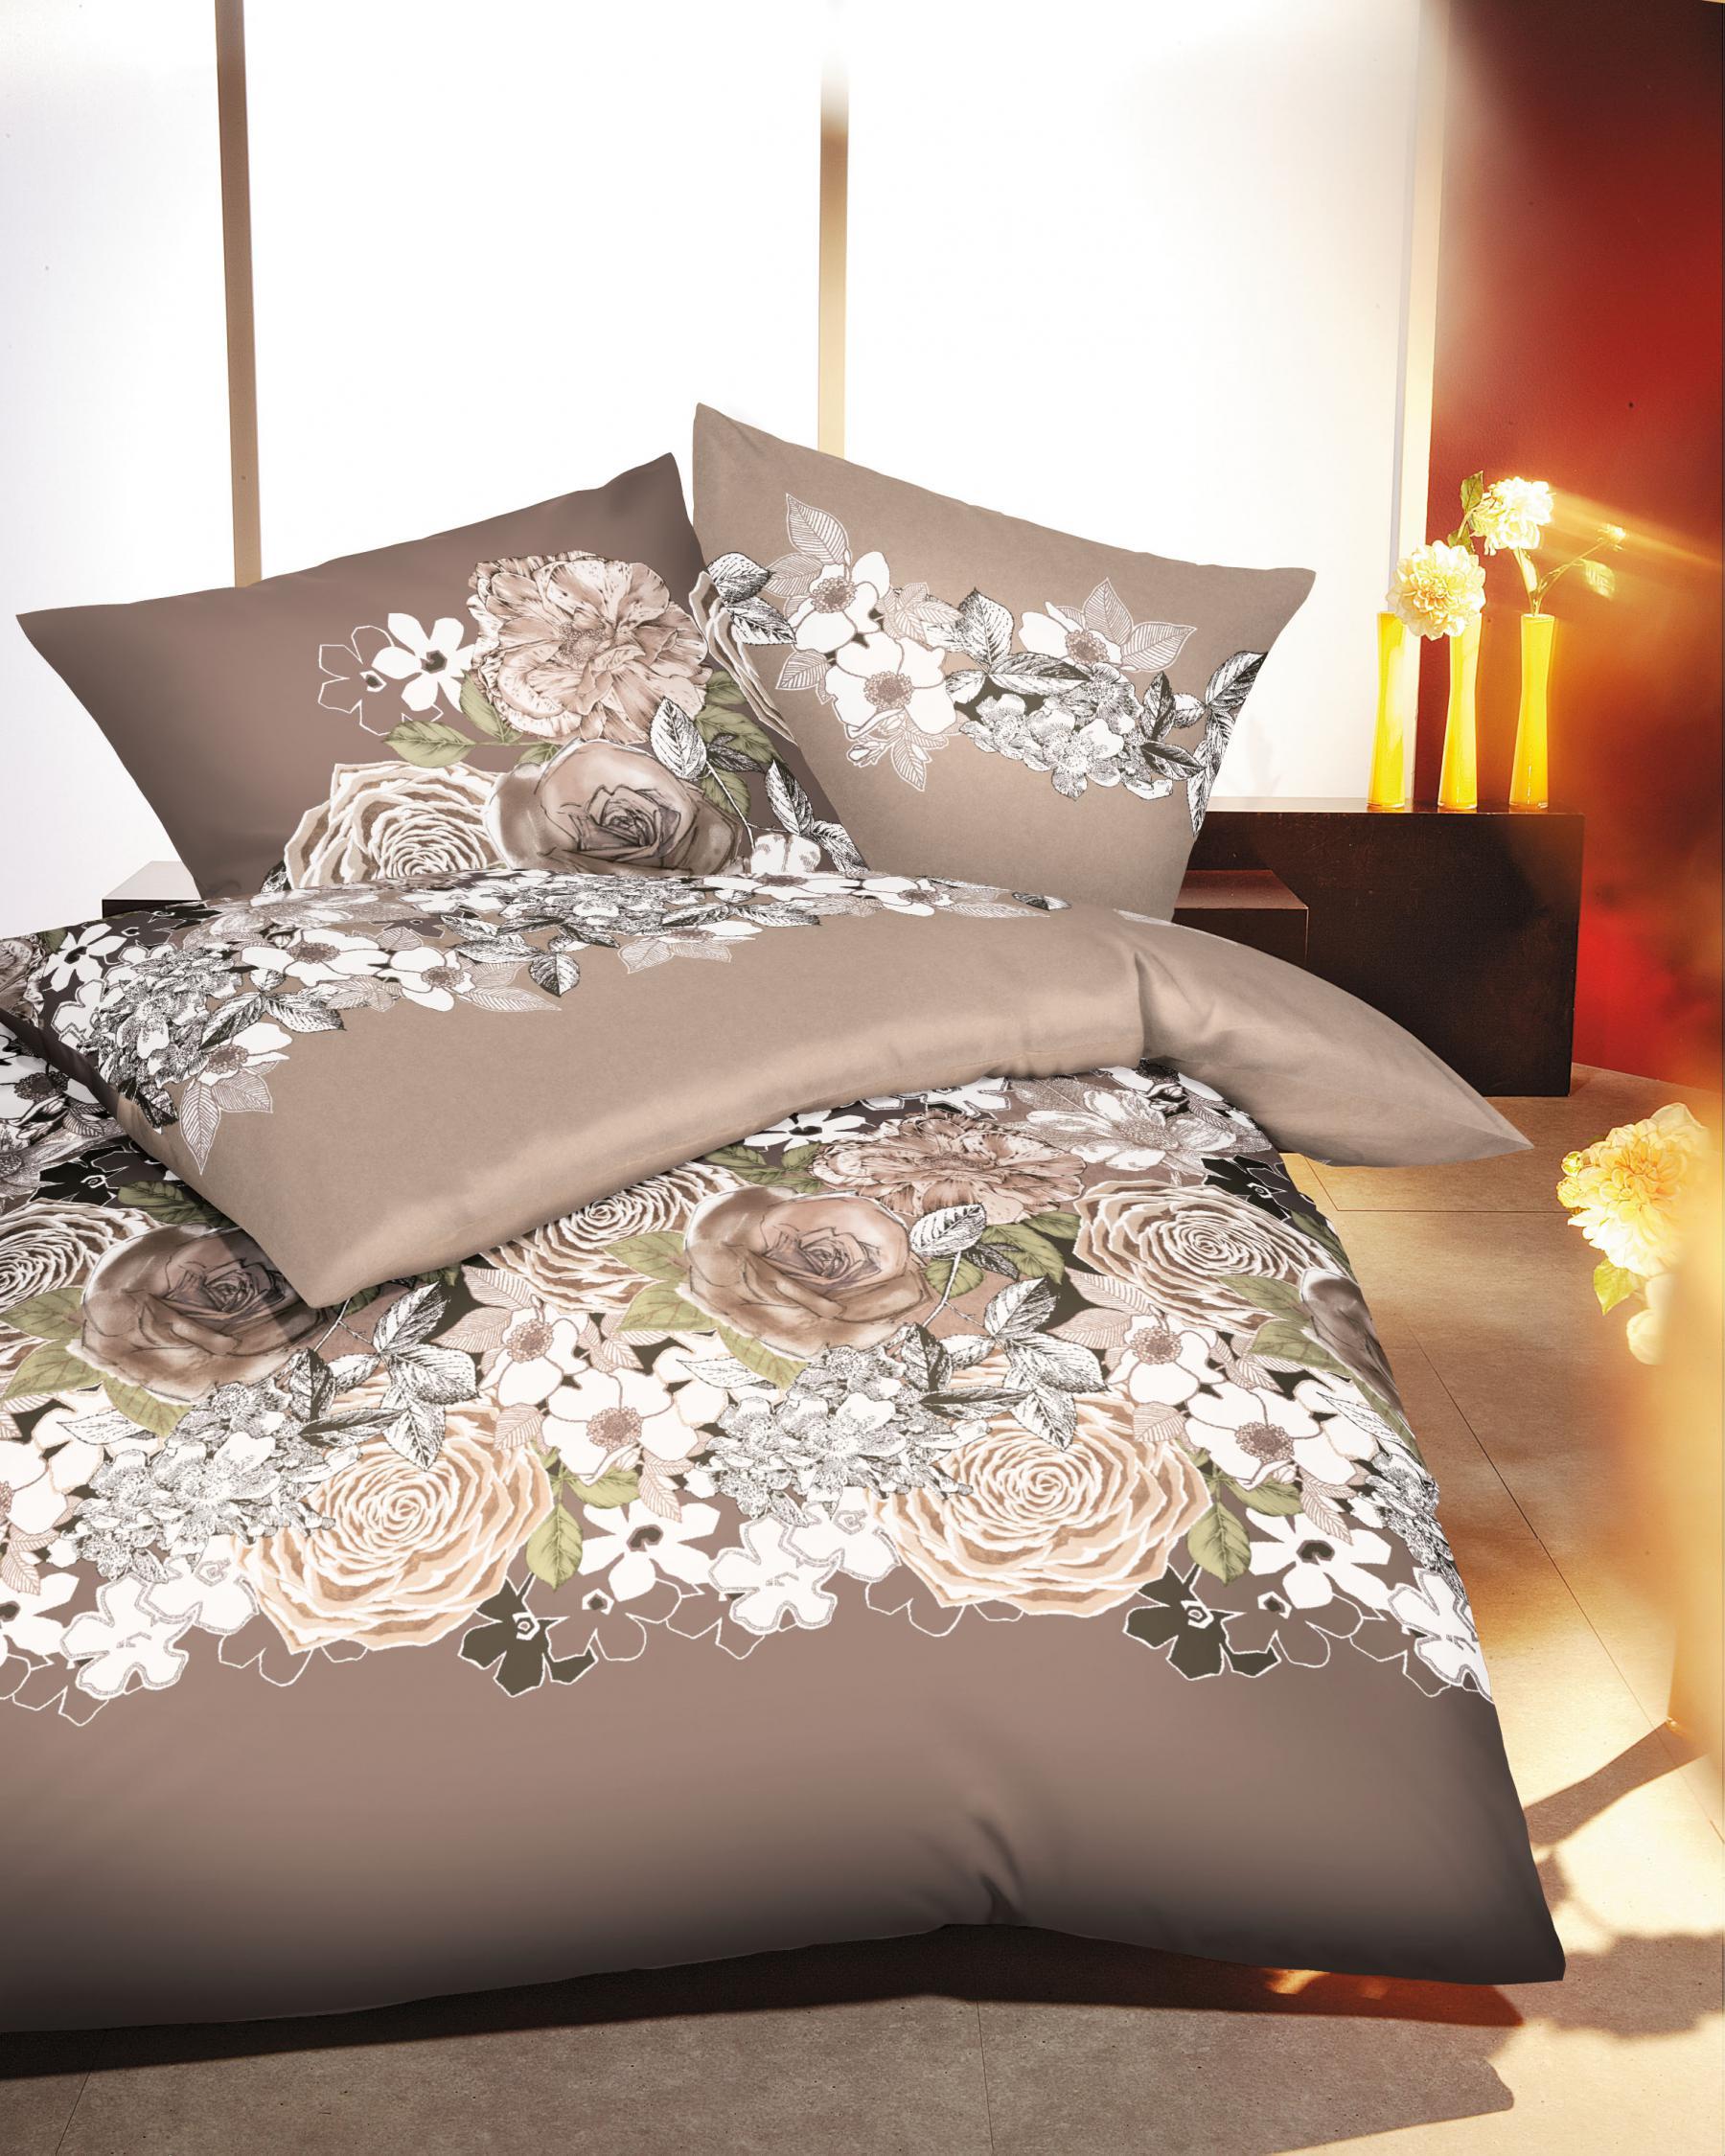 bettw sche 135x200 cm mako satin 419 646 natur von kaeppel kaufen bei betten krebs gelnhausen. Black Bedroom Furniture Sets. Home Design Ideas